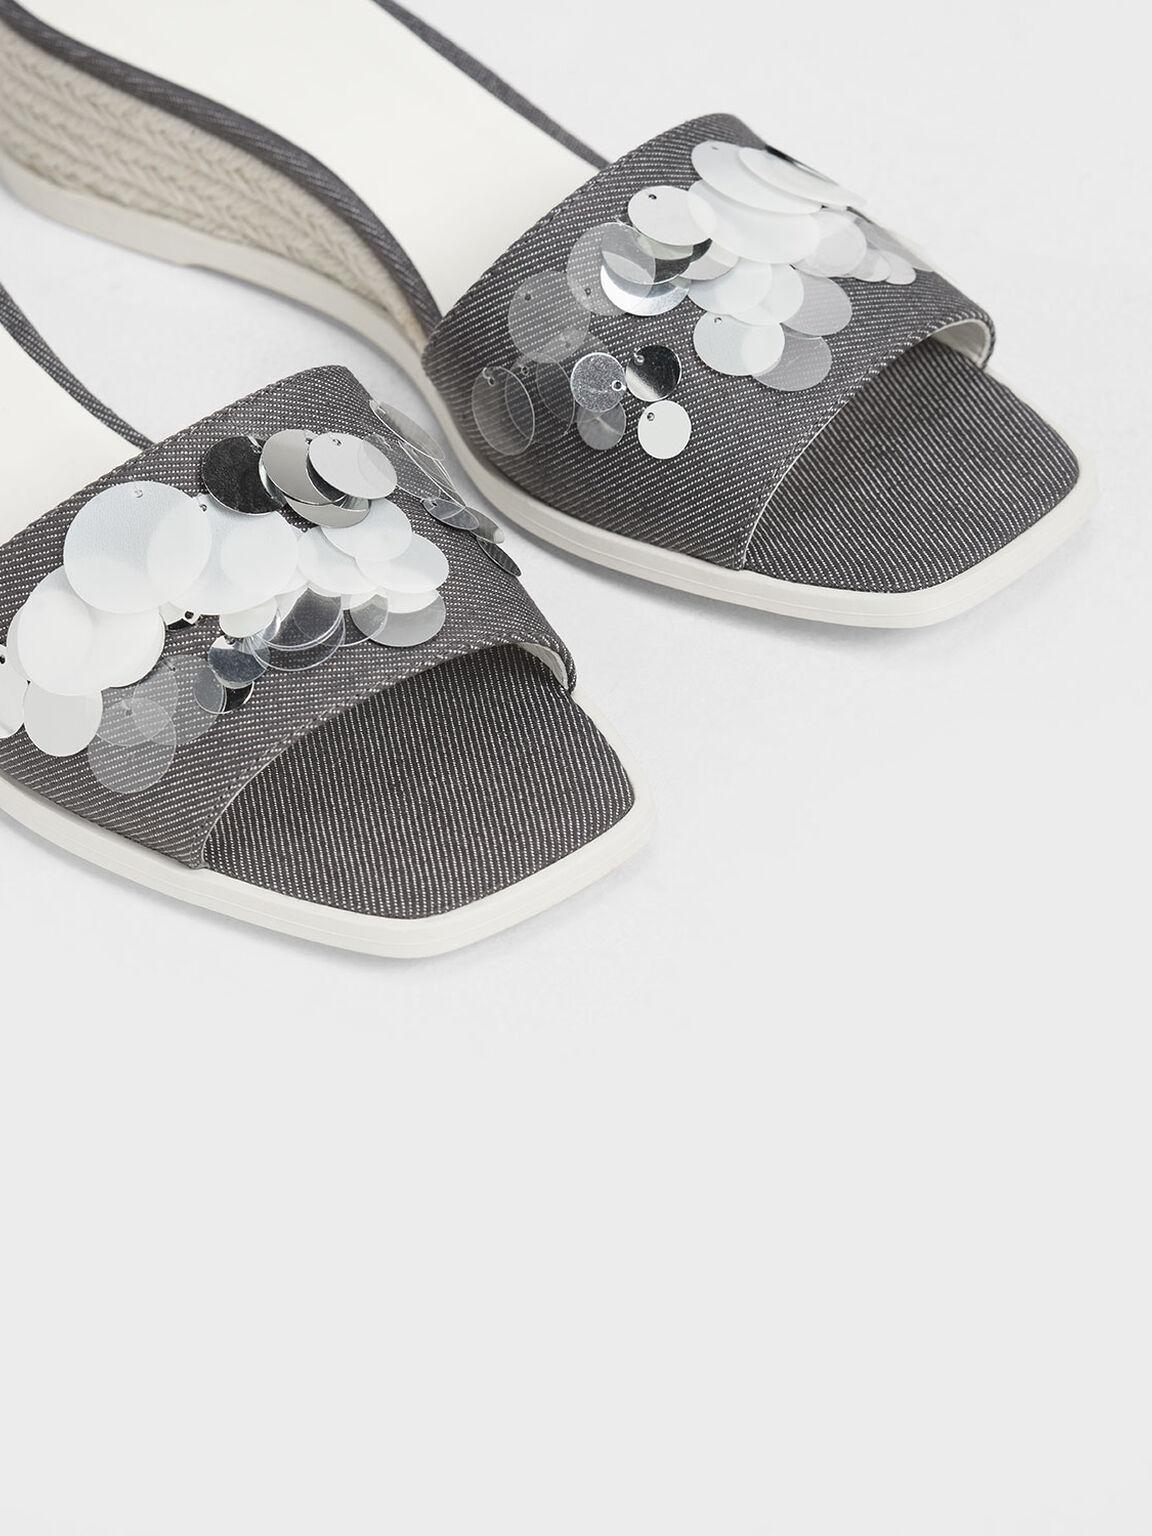 Sequin Embellished Espadrille Wedges, Light Grey, hi-res